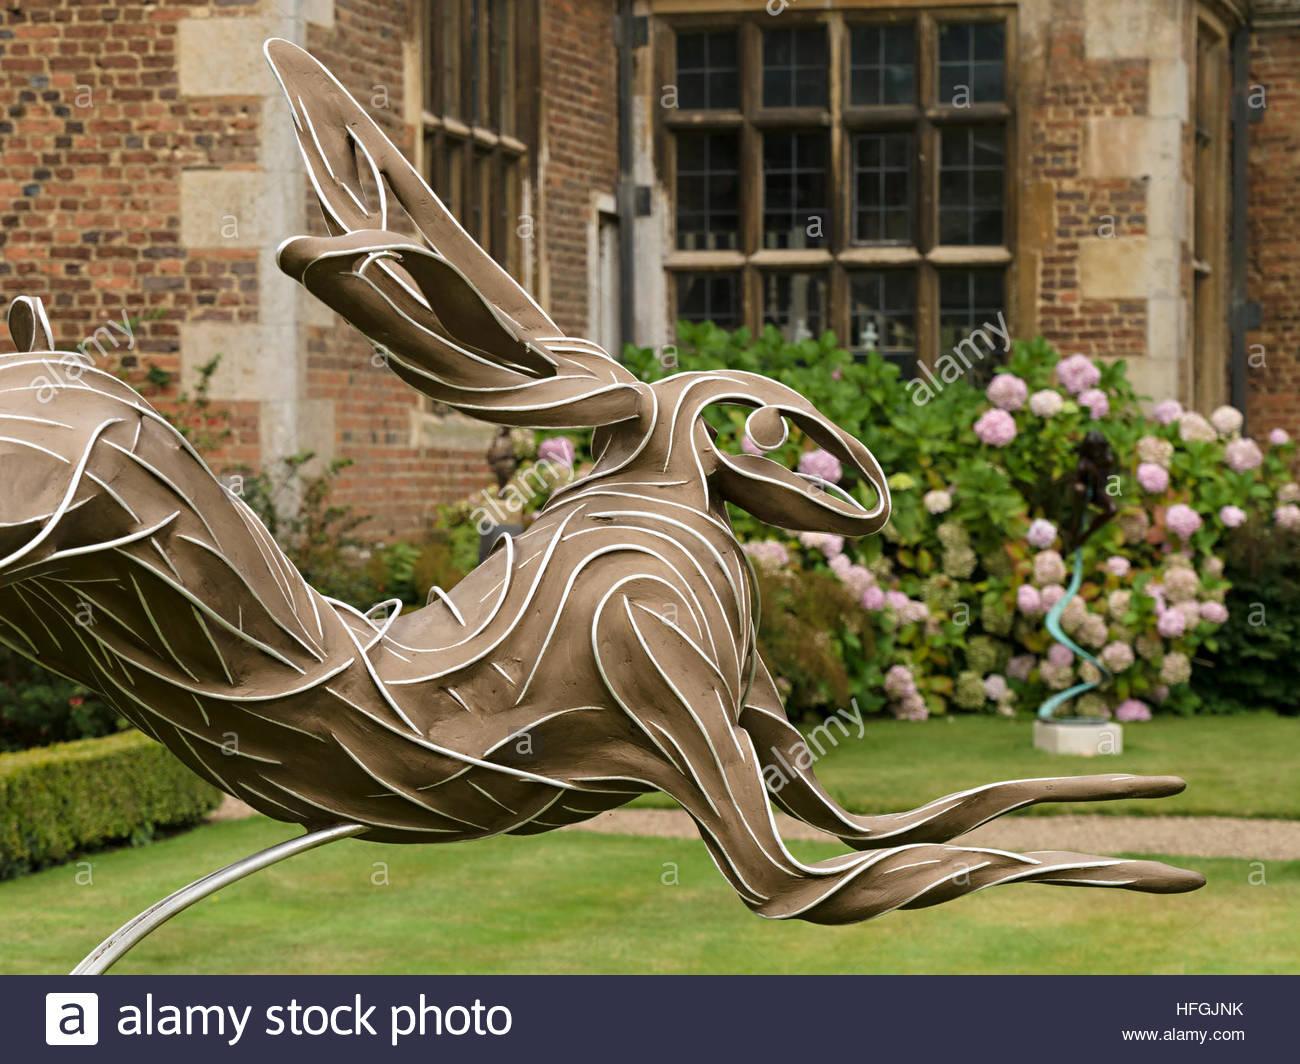 Hare Sculpture Stockfotos & Hare Sculpture Bilder - Alamy